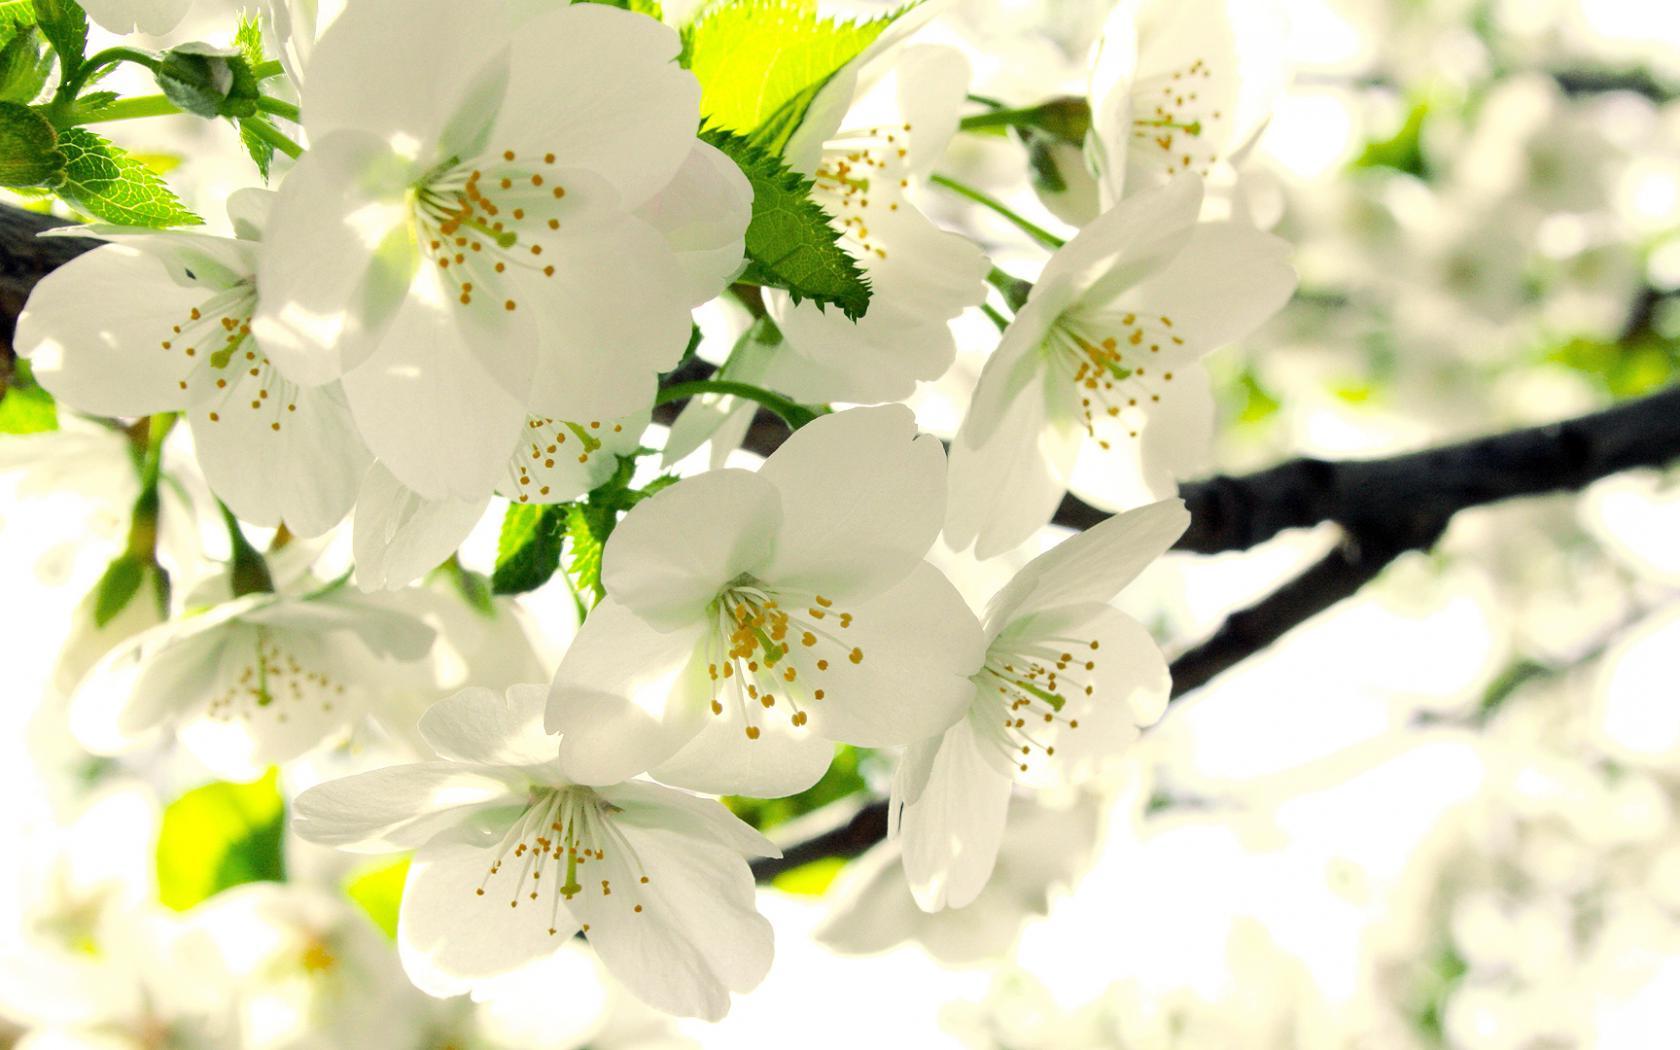 обои для рабочего стола цветущие яблони № 239674 загрузить